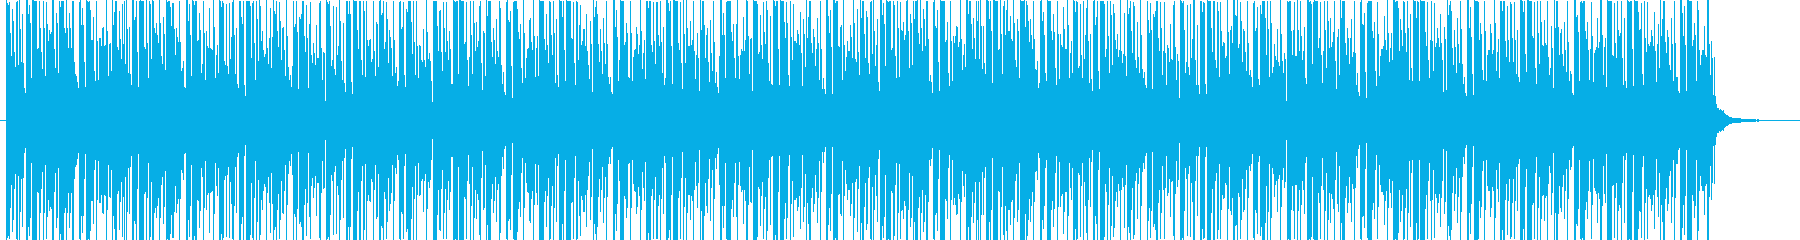 砂漠 民族楽器・ラクダ・サボテンの再生済みの波形